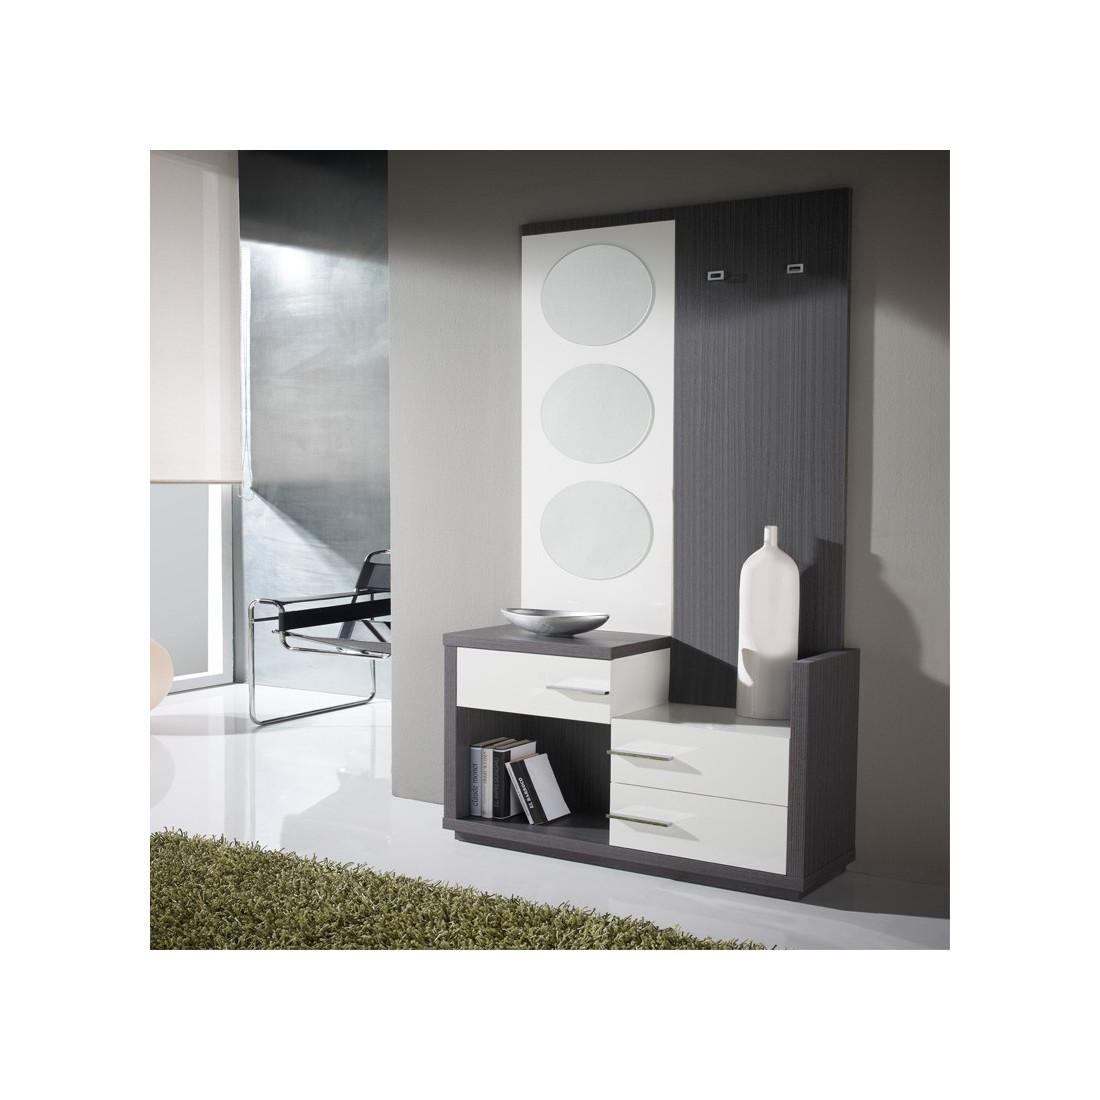 Meuble d 39 entr e miroirs carmen univers petits meubles for Miroir design pour entree